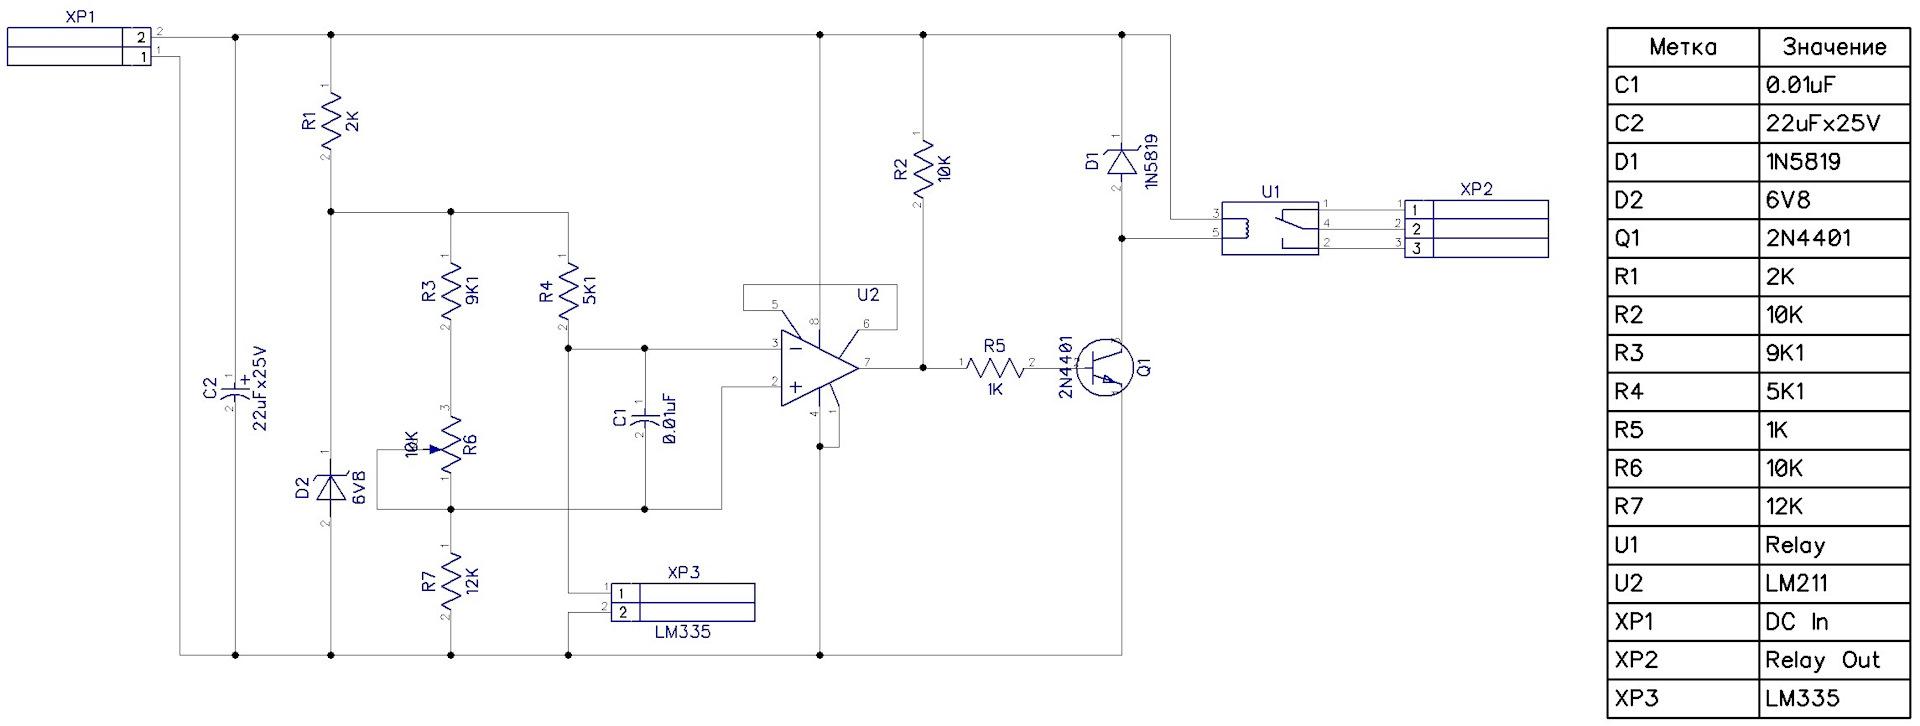 Микросхема d6650 схема включения